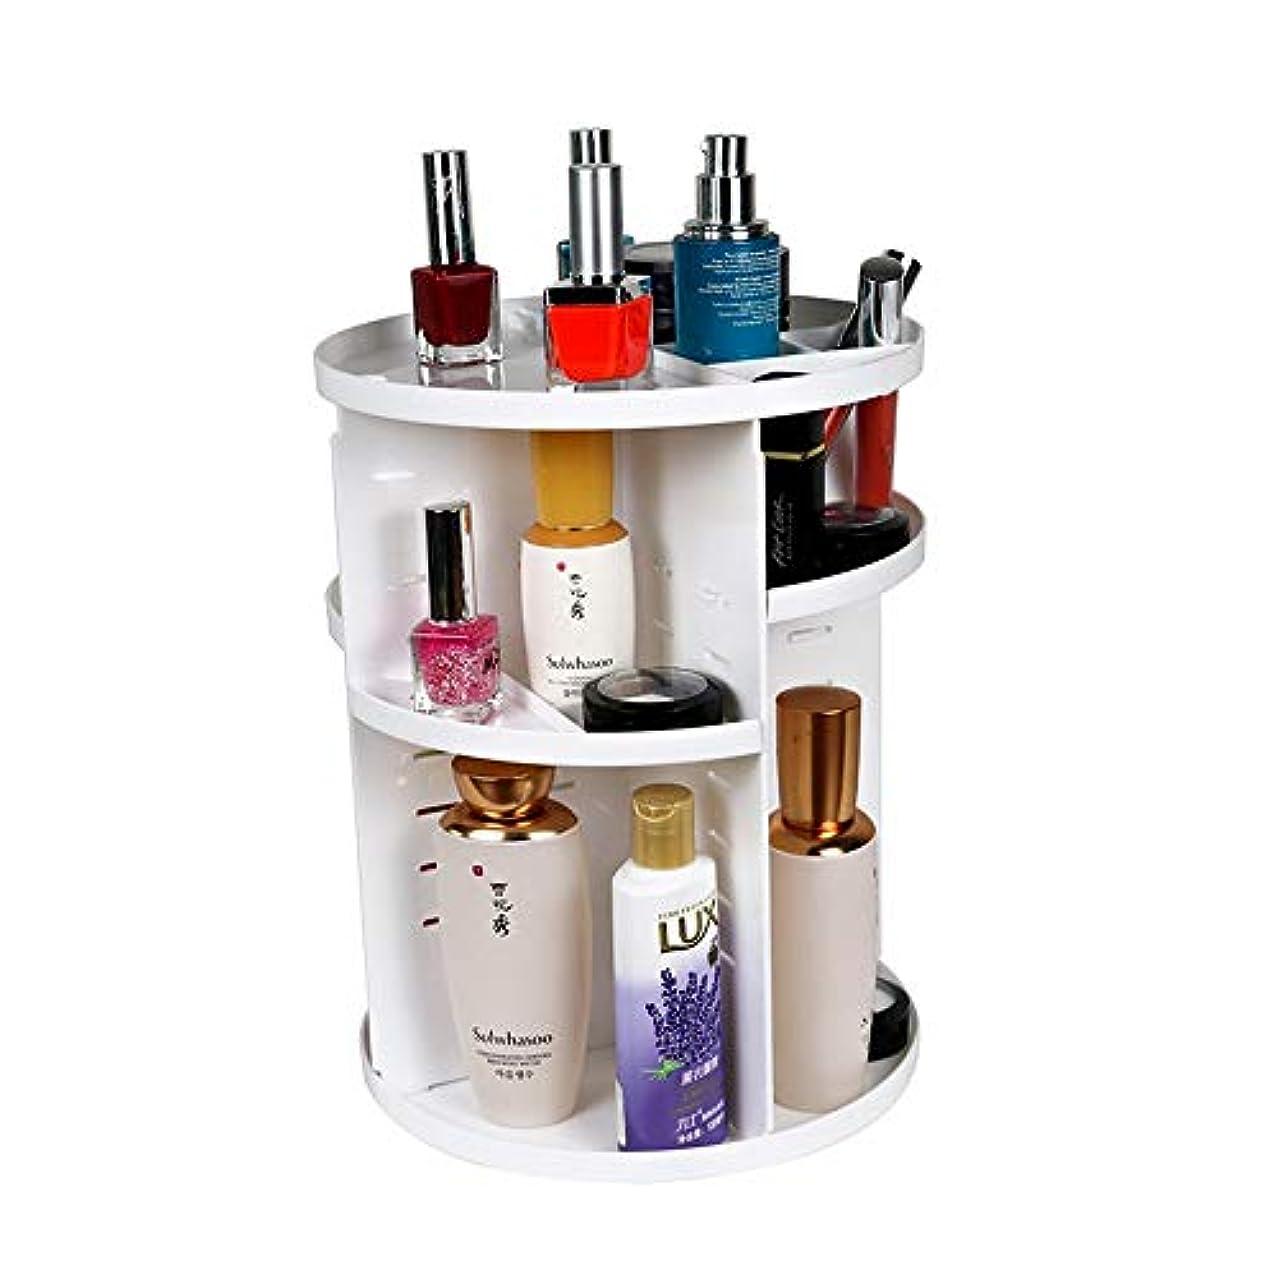 未接続マットで整理簡単 簡単な構造のオルガナイザー調節可能な宝石類および化粧品の陳列台を回転させる360度 (Color : White, Size : 29.5*23*23CM)